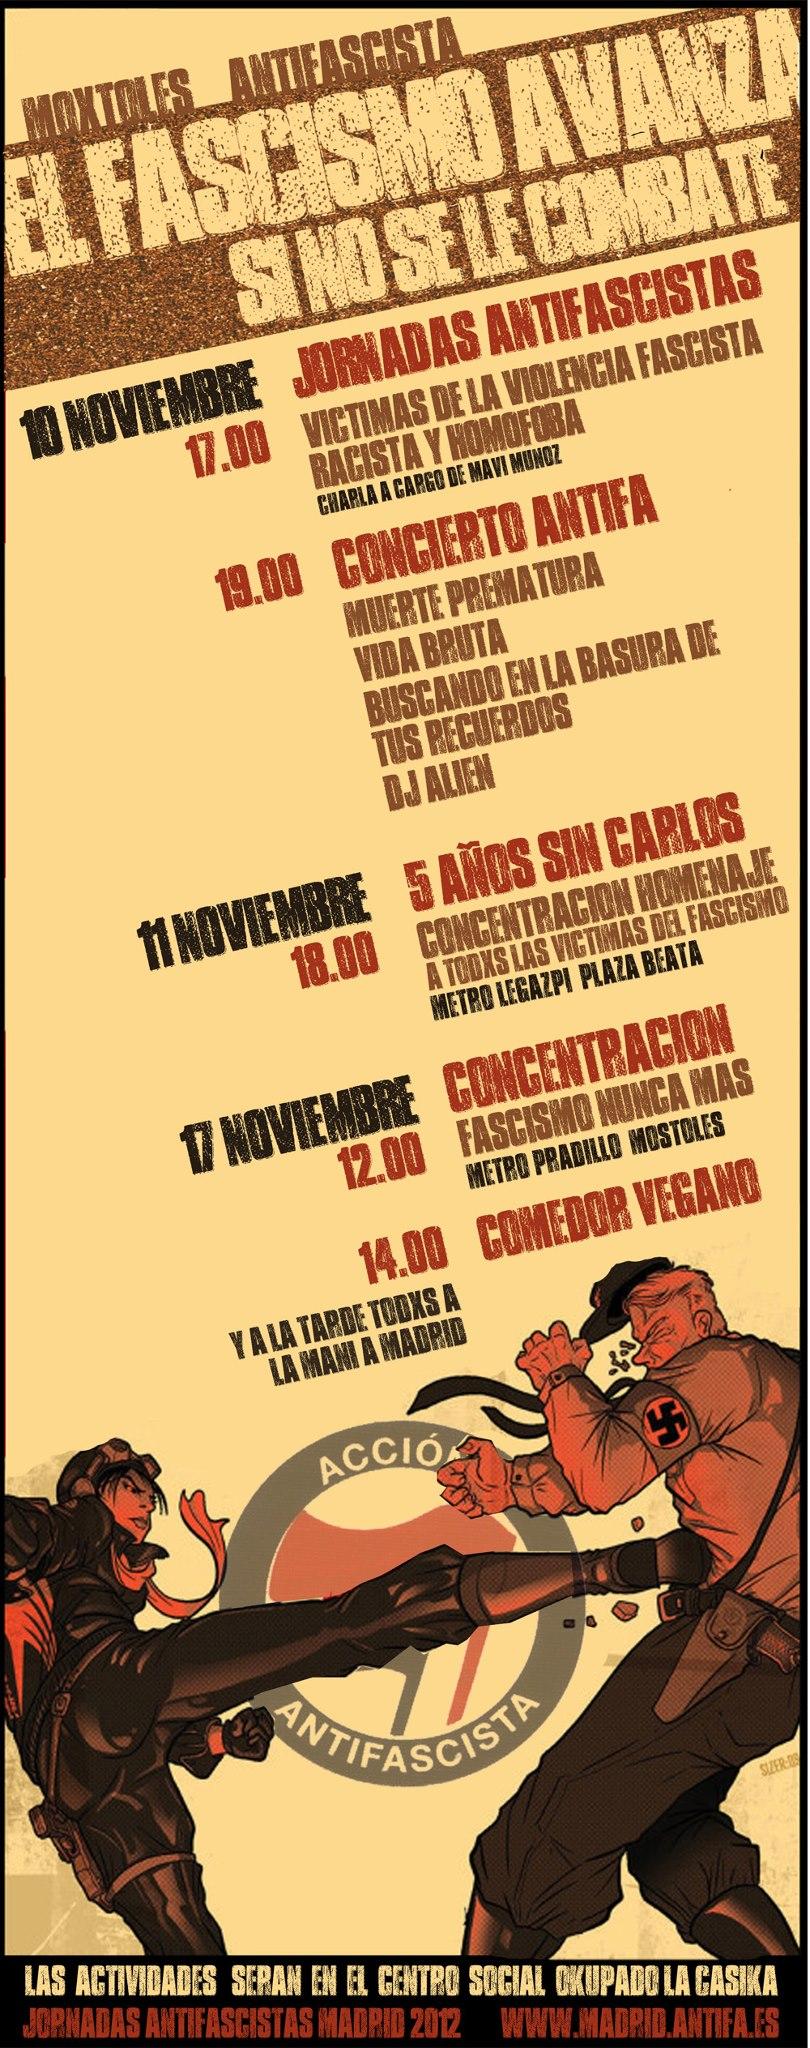 jornadas antifascistas Móstoles 2012